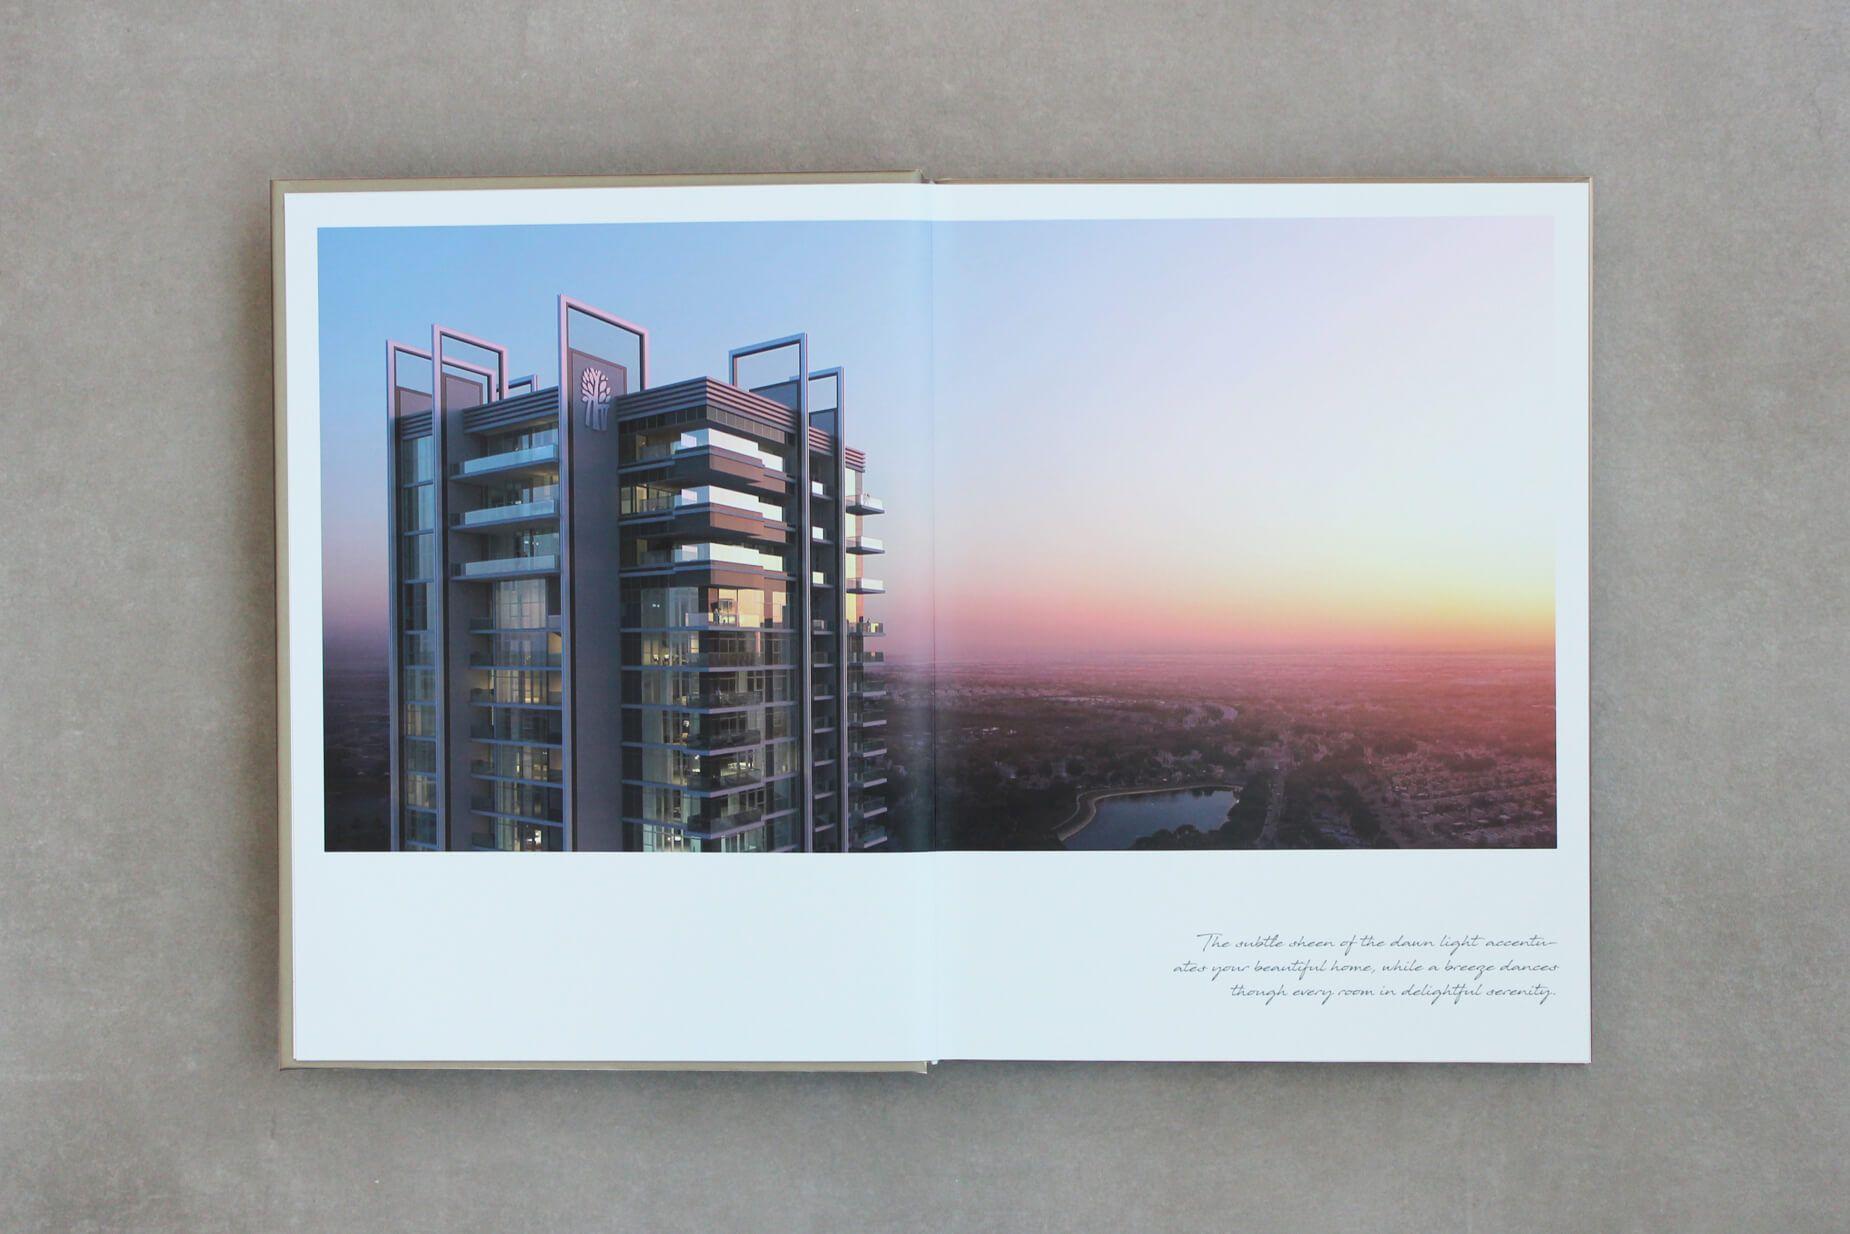 banyan-book-cover-1.jpg